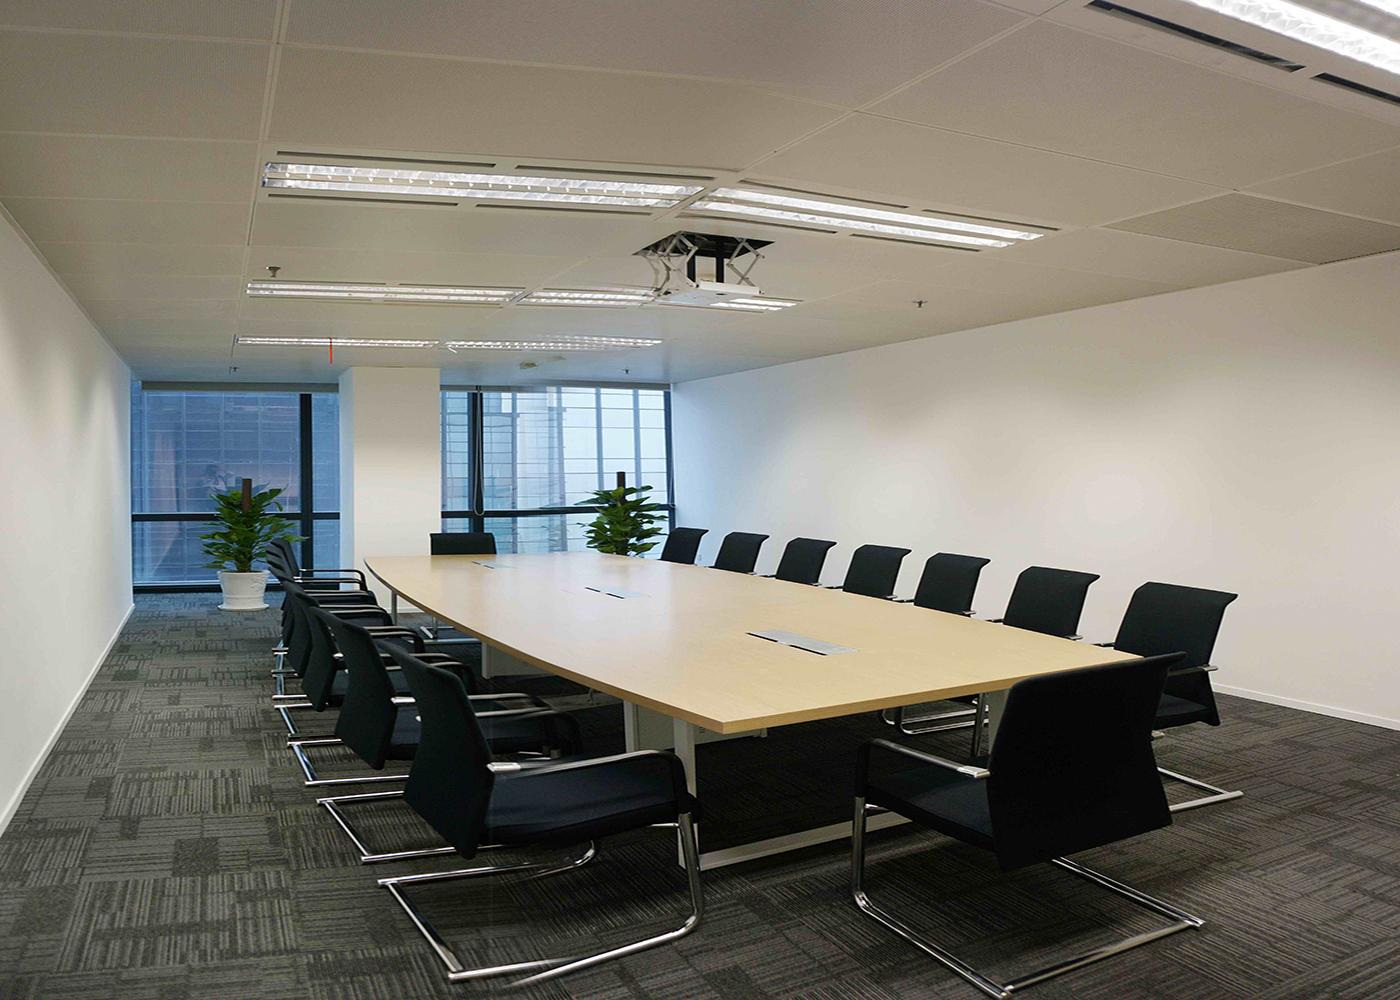 雷蒂斯会议桌A25,上海会议桌,【尺寸 价格 图片 品牌】